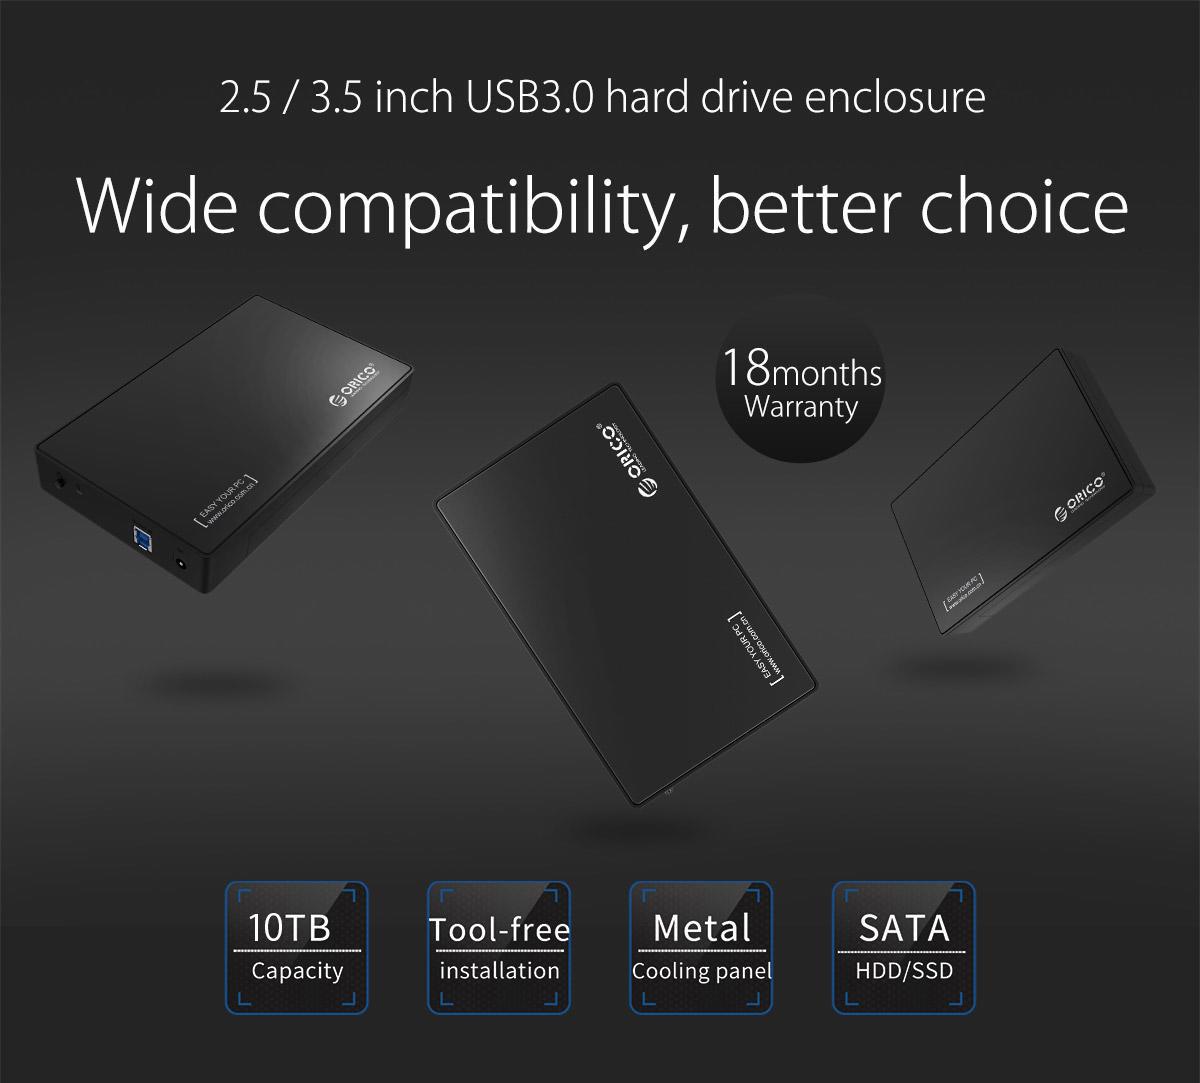 กล่องใส่ HDD Orico 3588US3 SATA 2.5/3.5นิ้ว USB3.0 (5Gbps) Hard disk